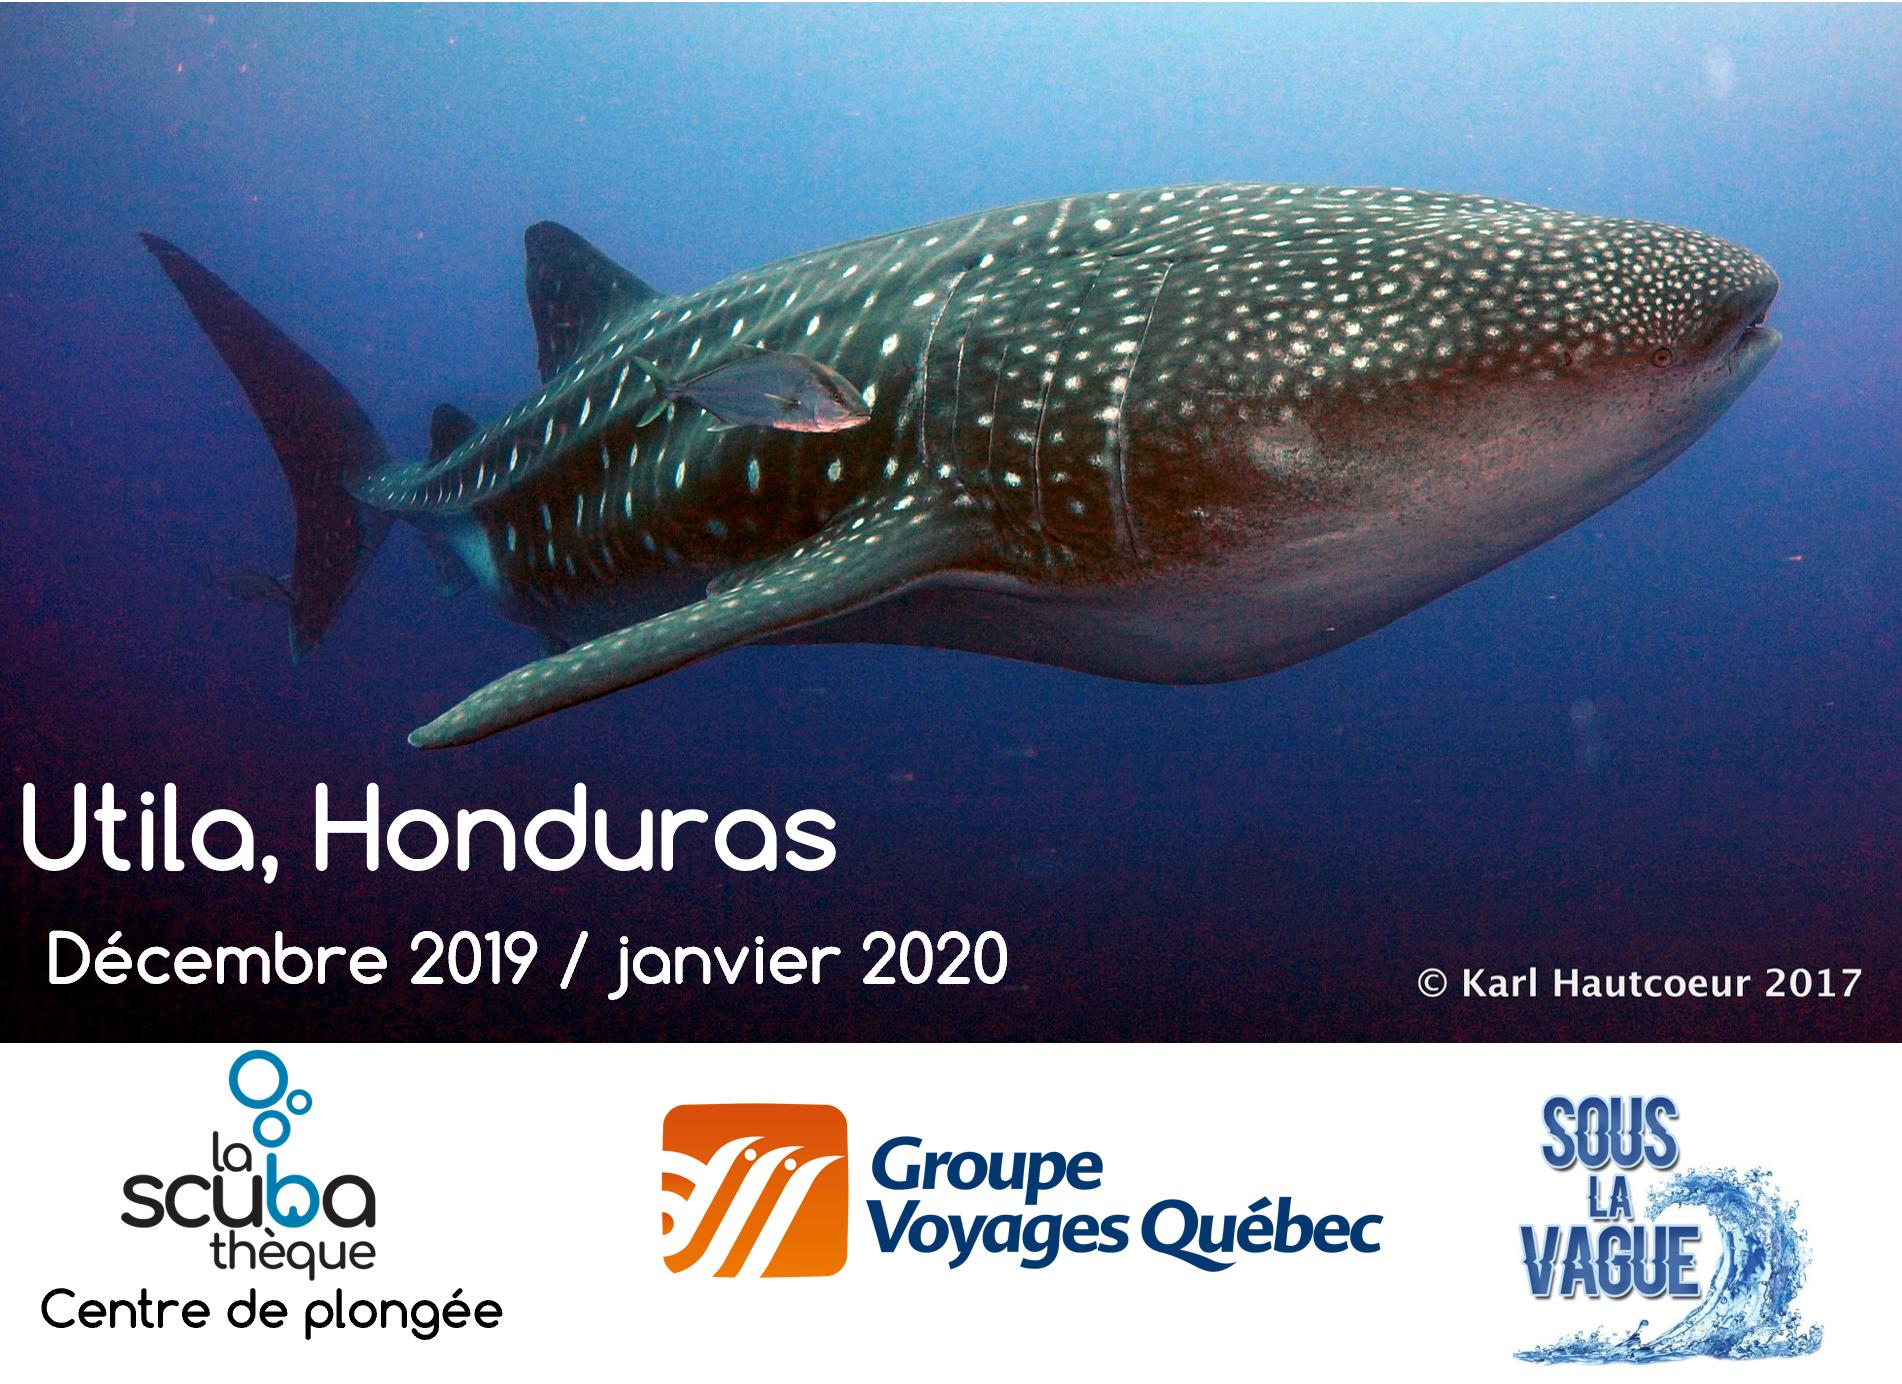 Voyage à Utila au Honduras - Février 2020 - Demande de réservation